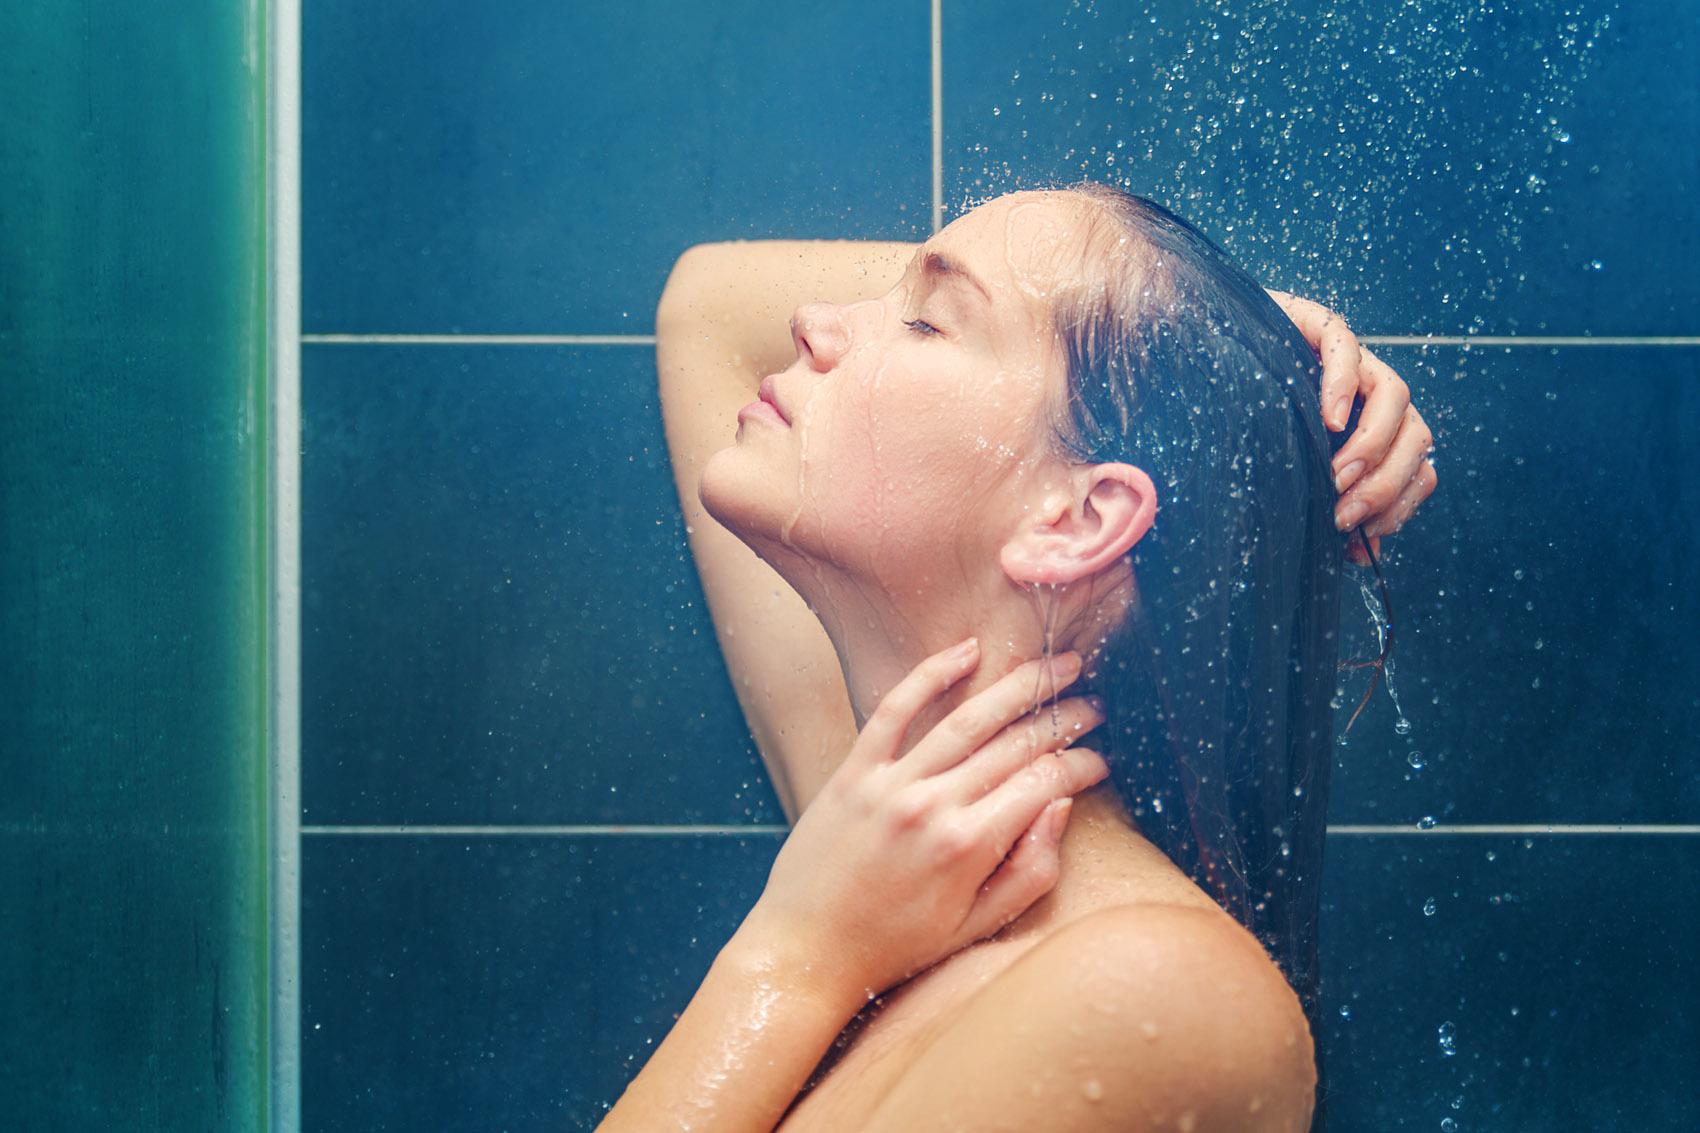 giovane donna in doccia